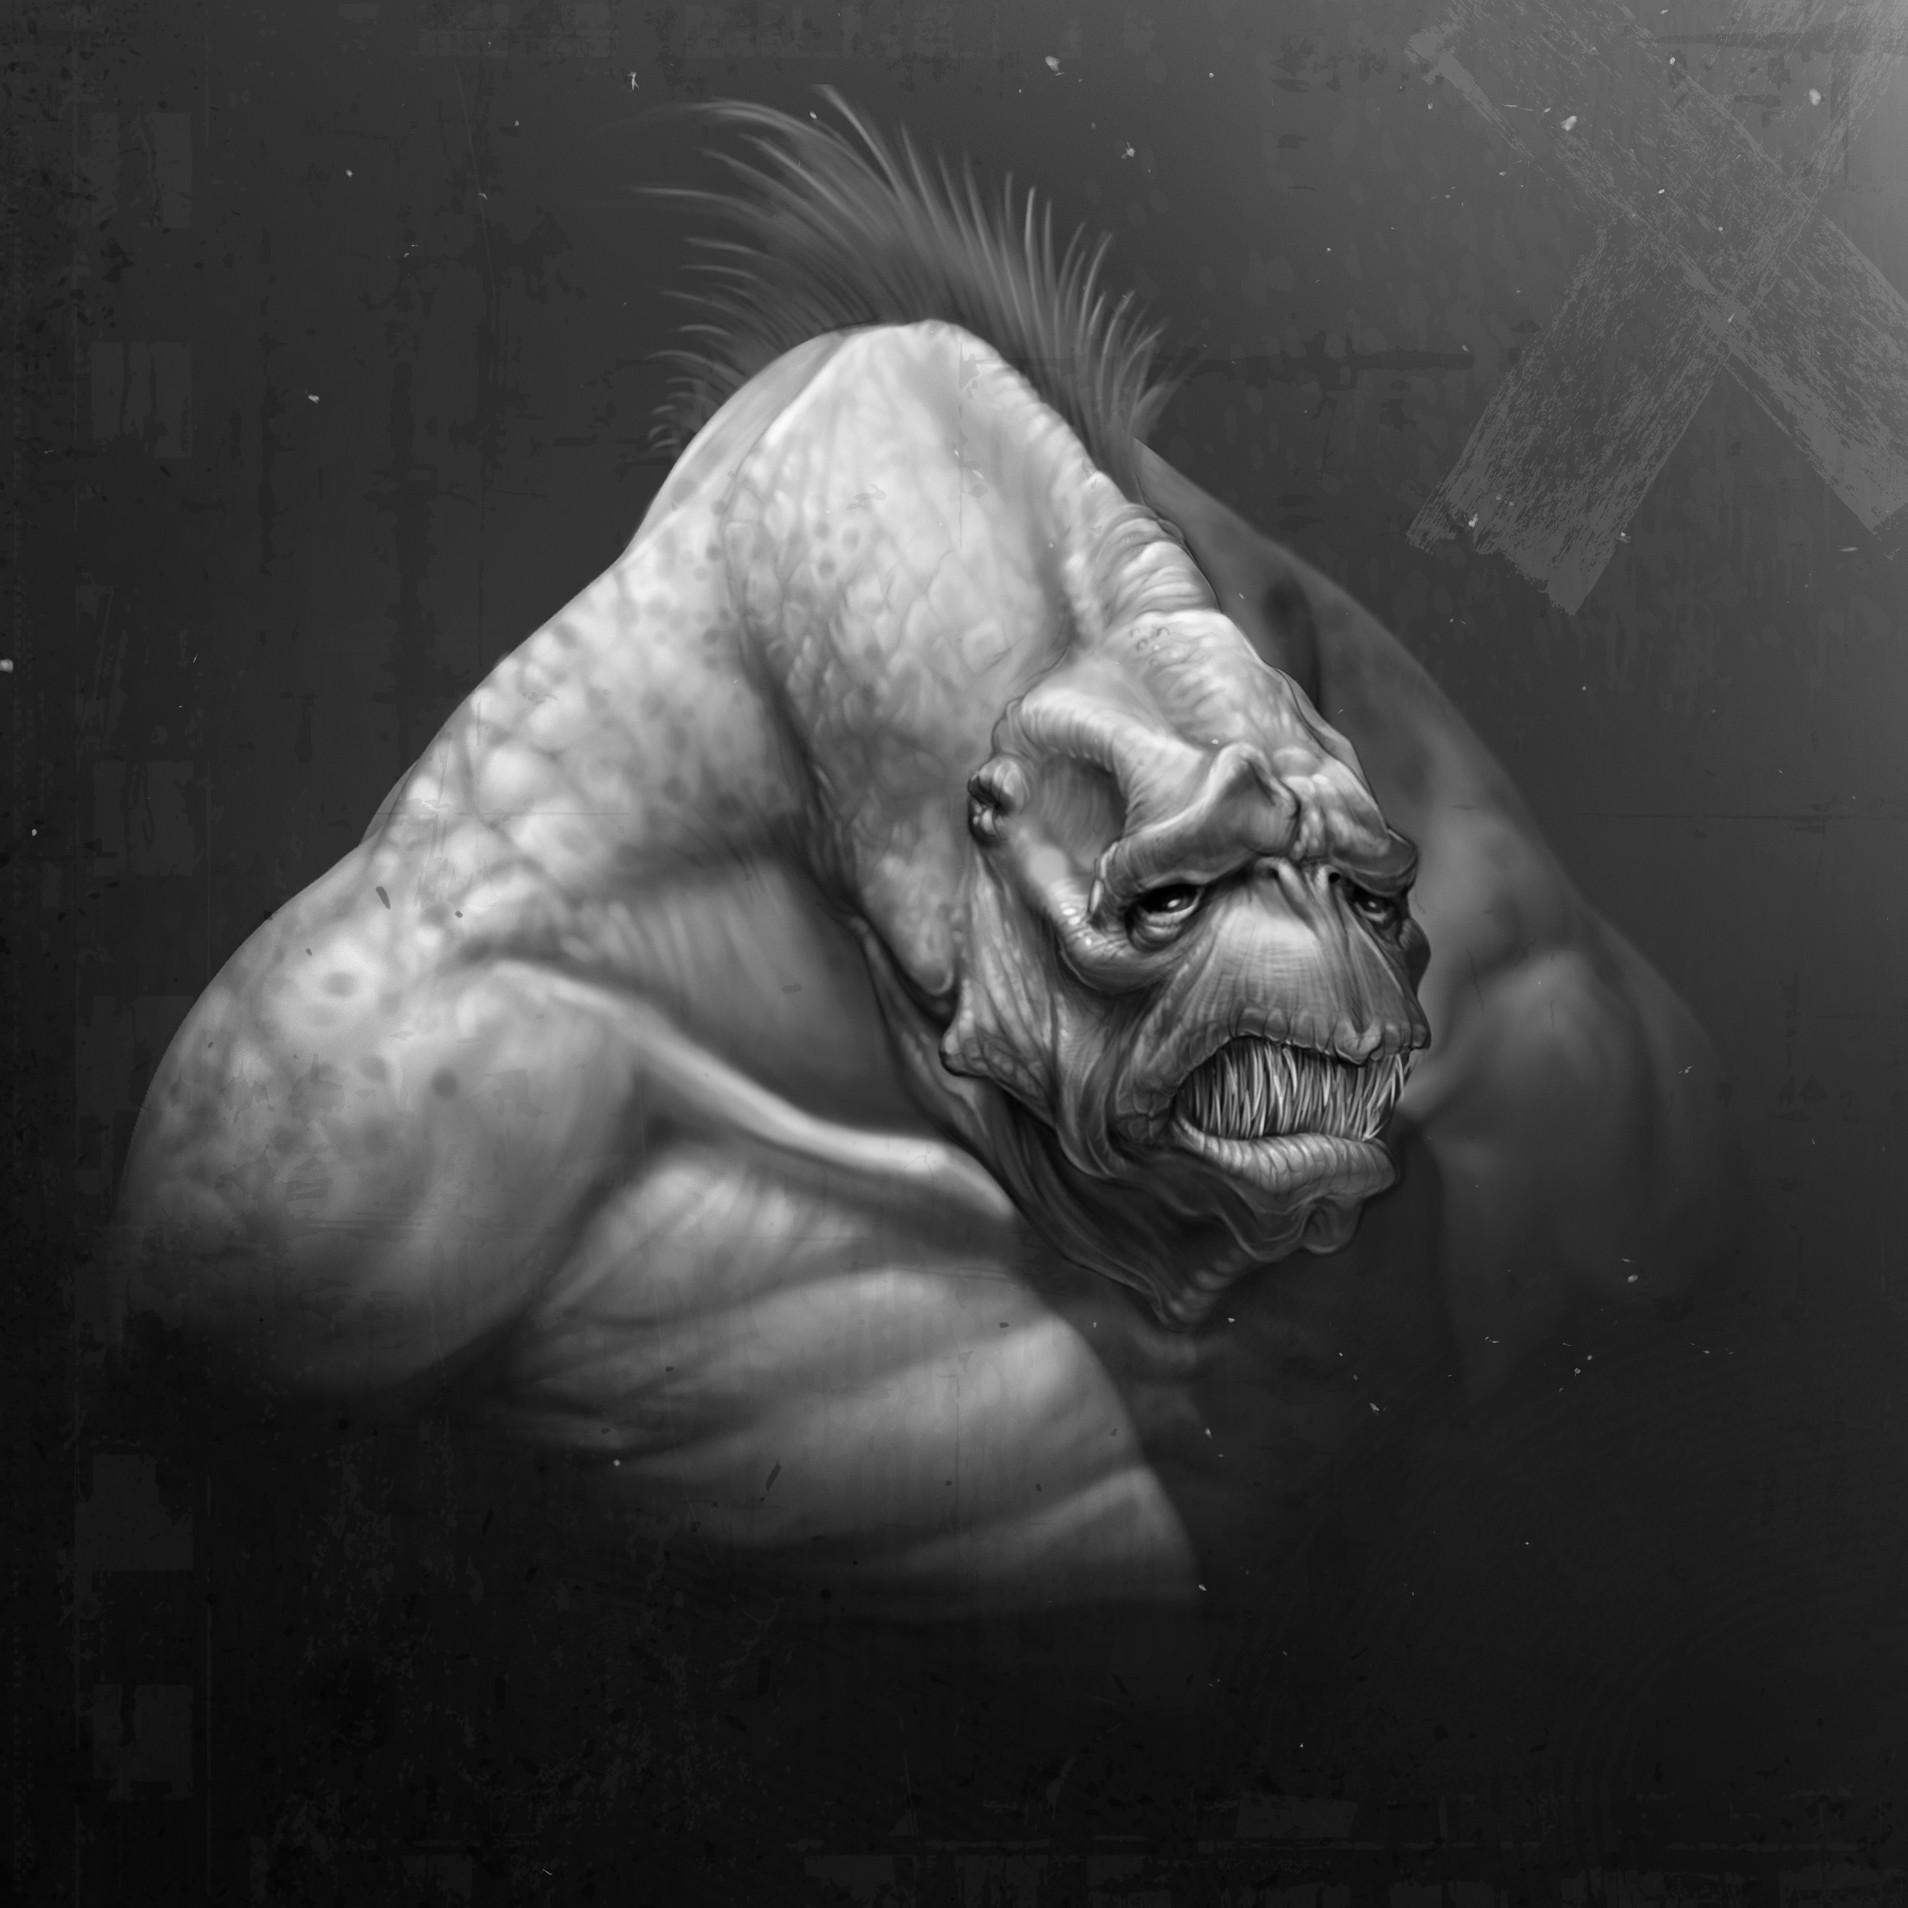 Dave wolf 04